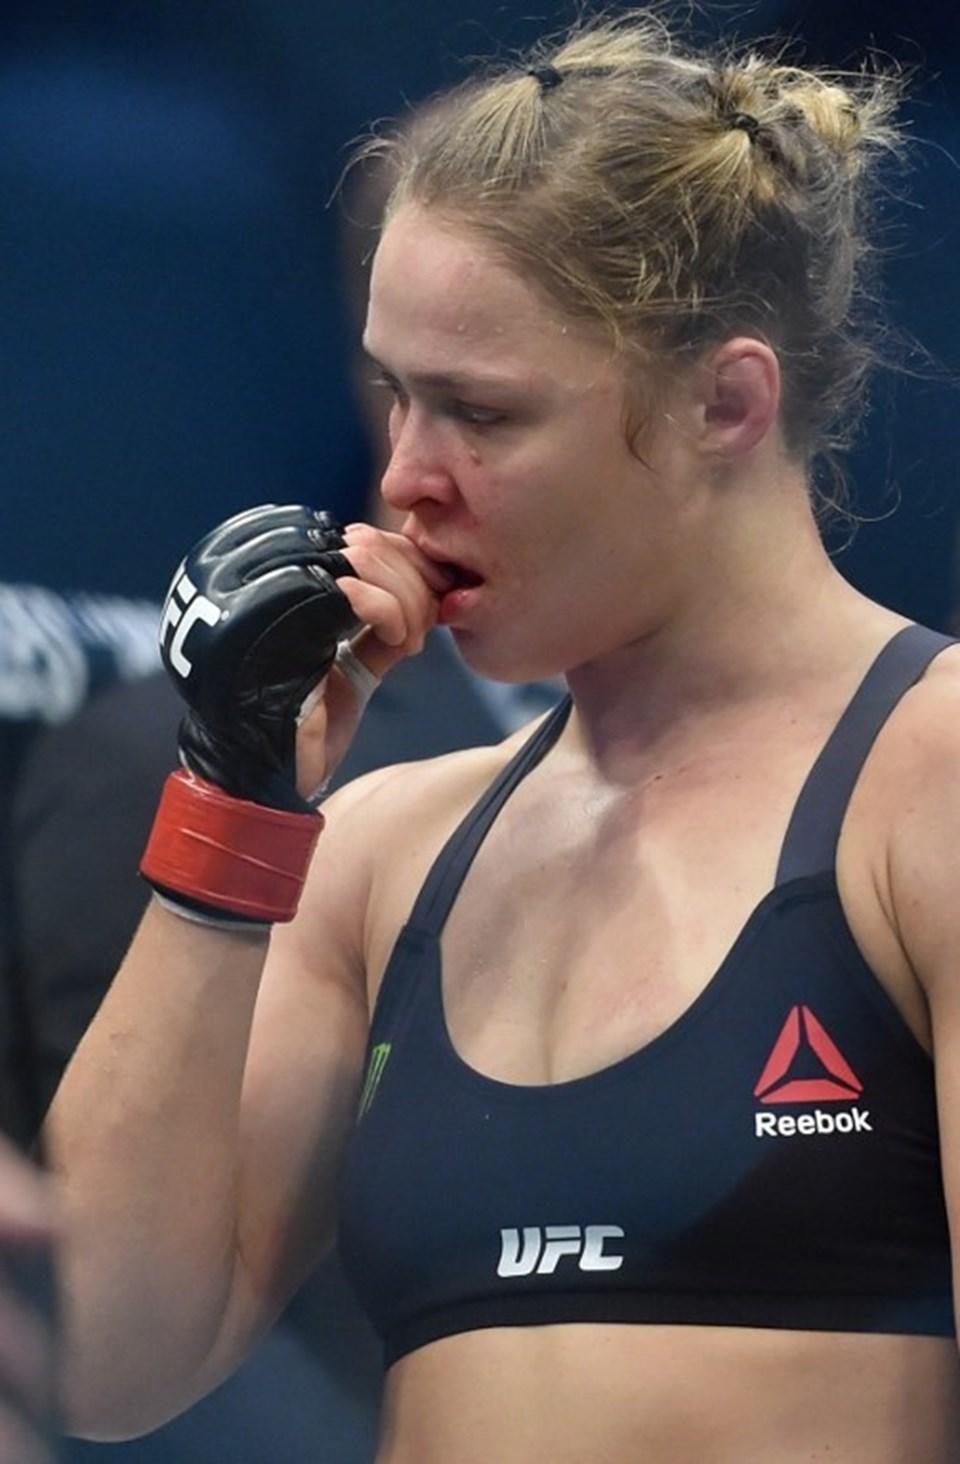 ABD'li karma dövüş sanatçısı ve oyuncu olan Ronda Rousey, UFC şampiyonu olan ilk kadın olmuştu.